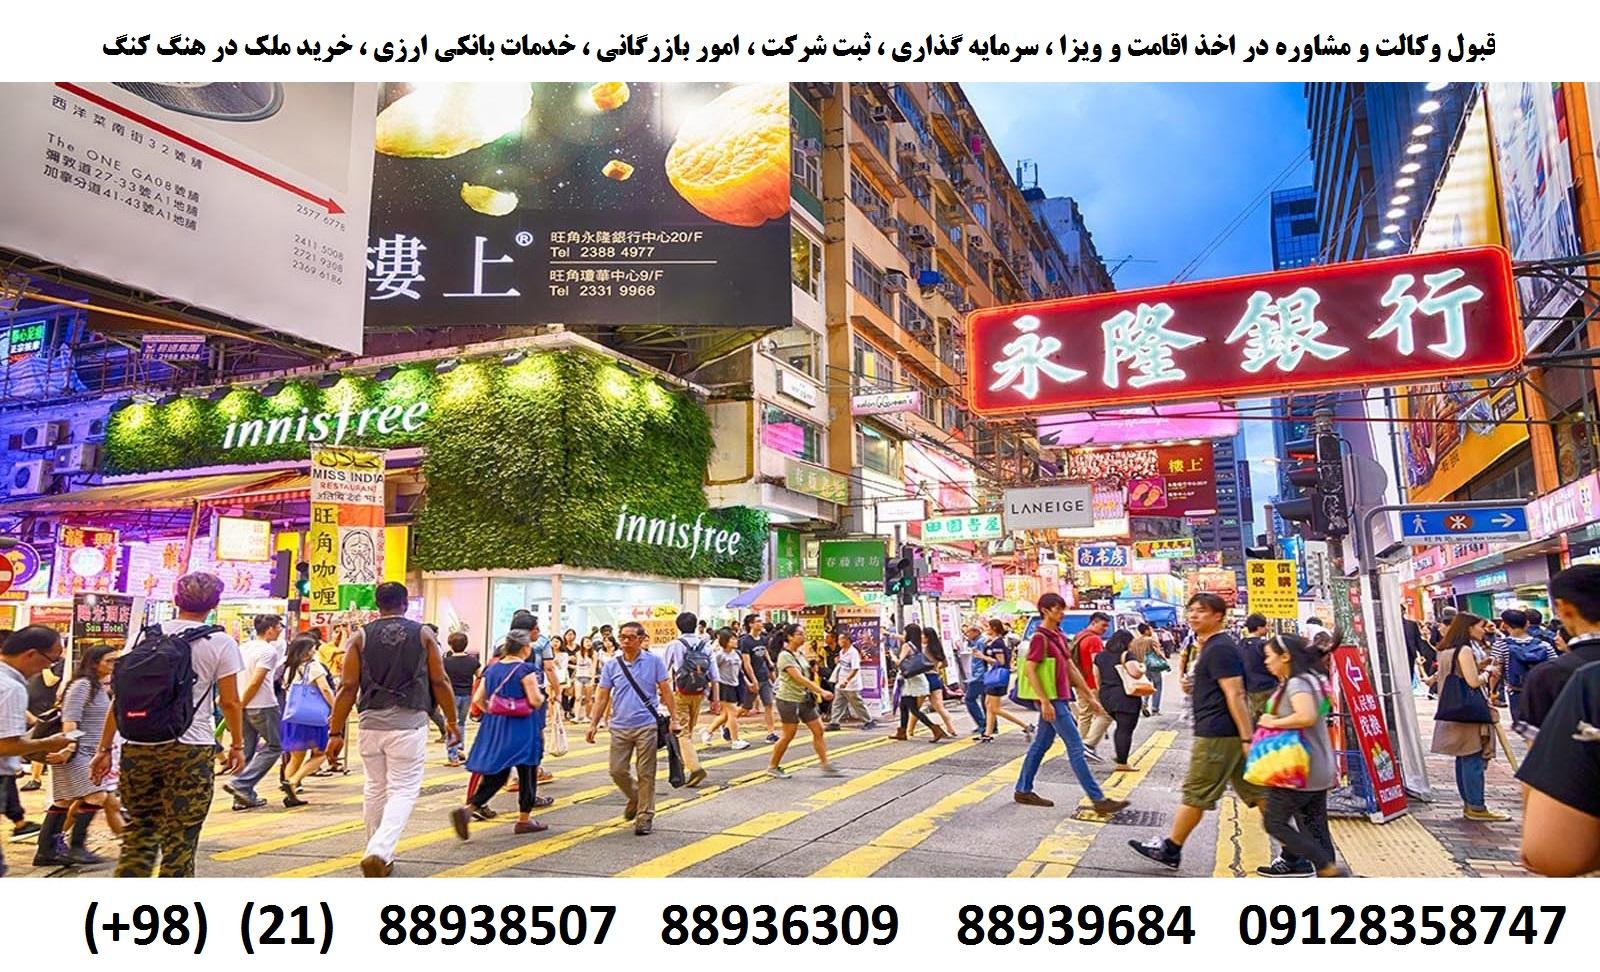 اقامت هنگ کنگ (2)